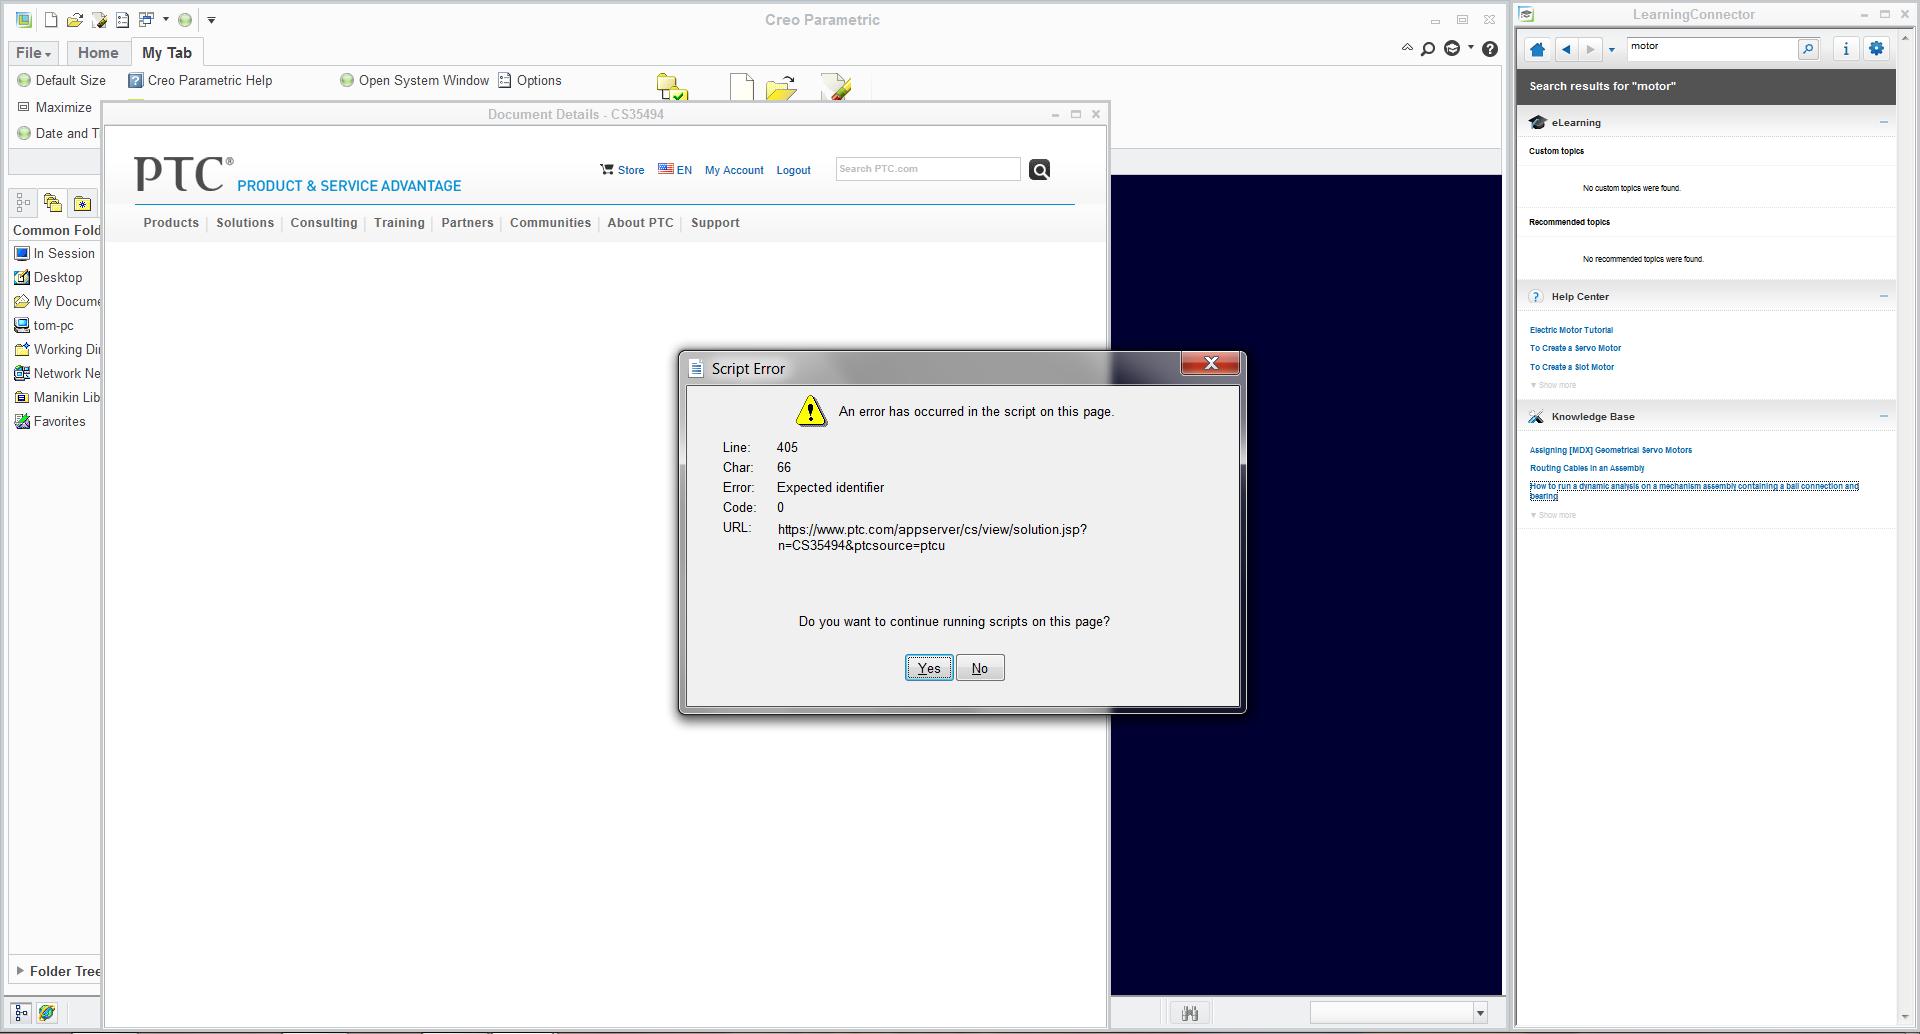 KnowledgeBase_error.png